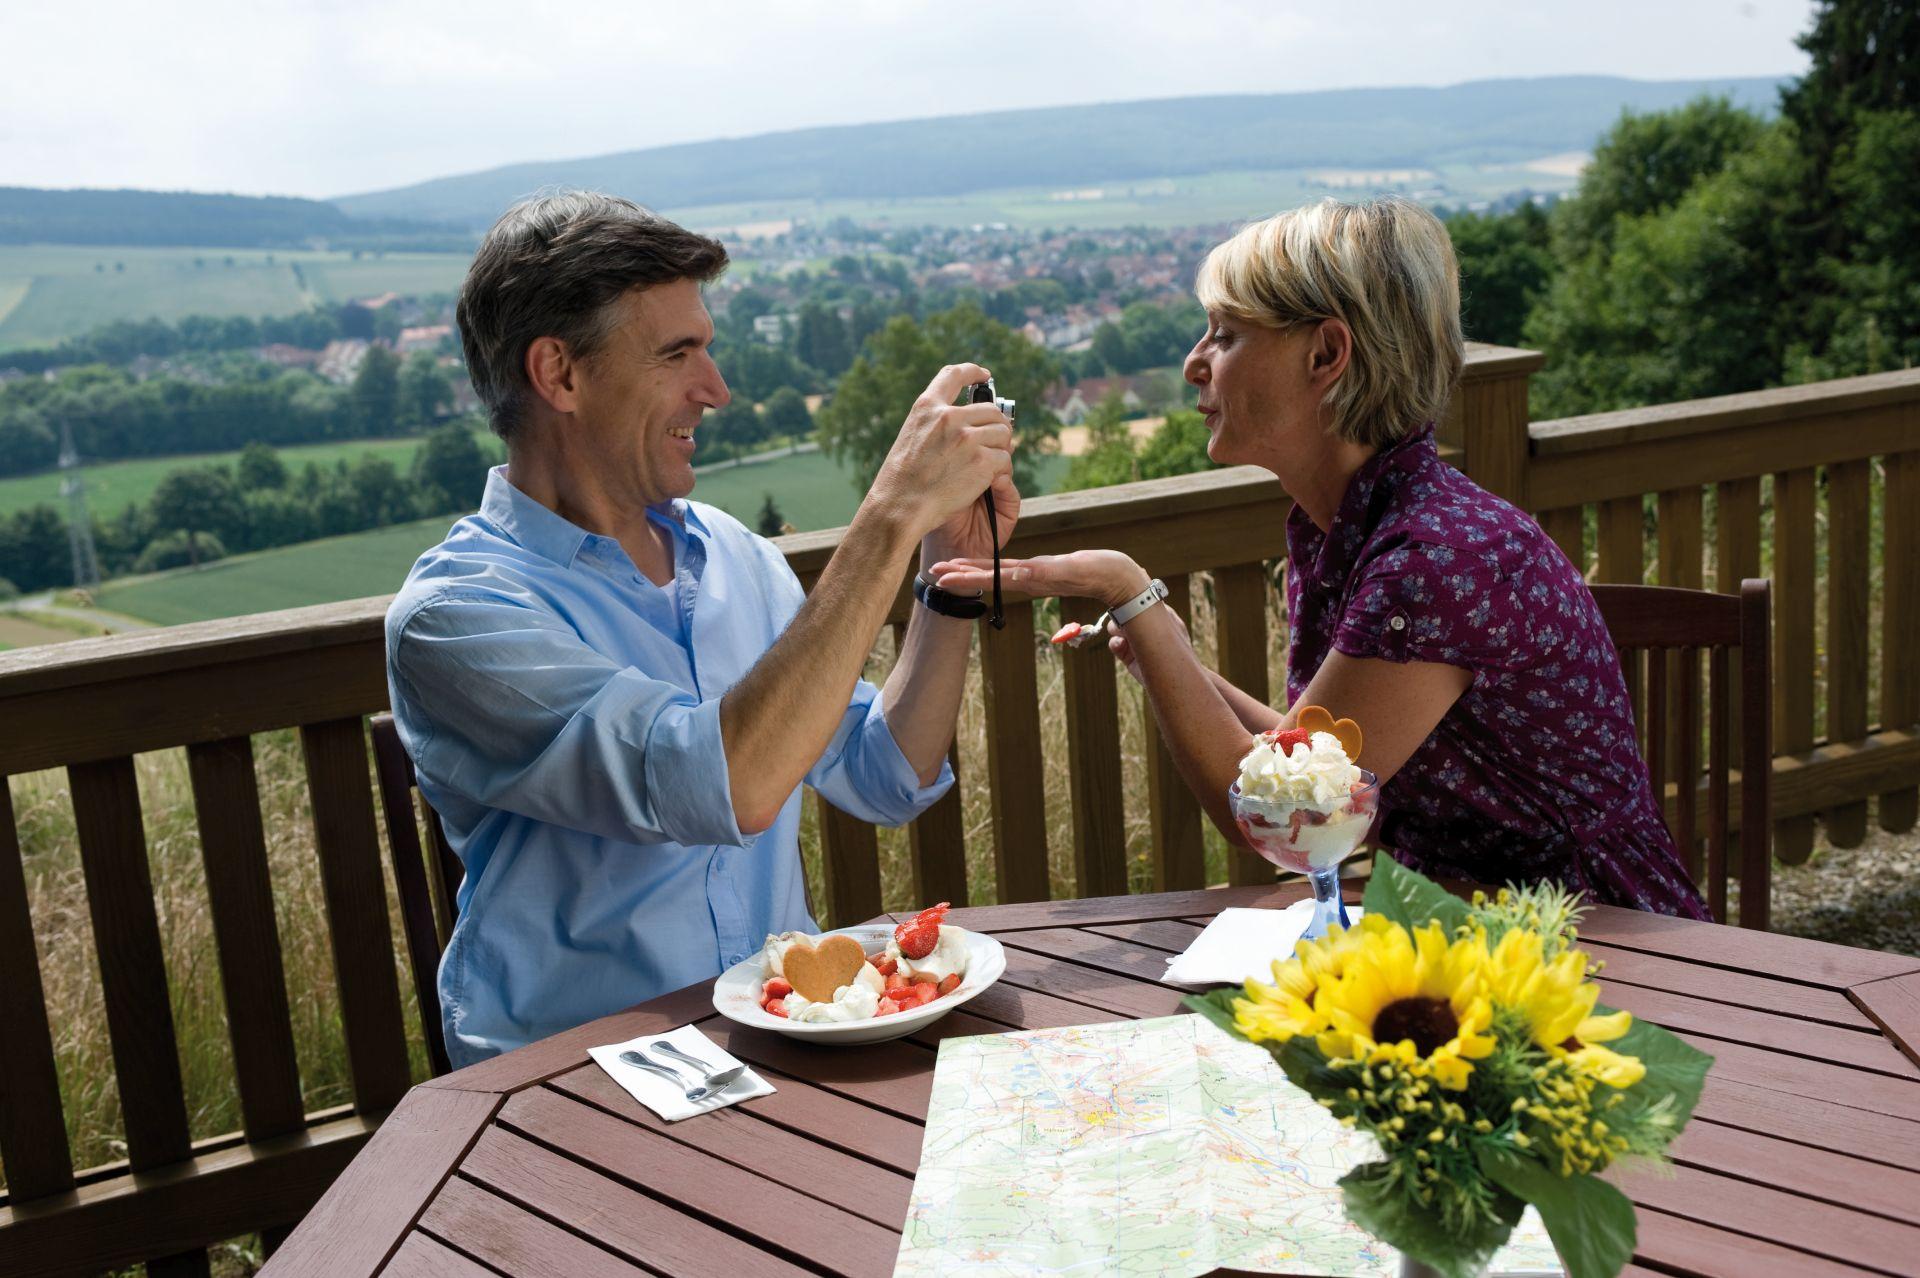 Gastronomie in Aerzen - Restaurant Waldquelle